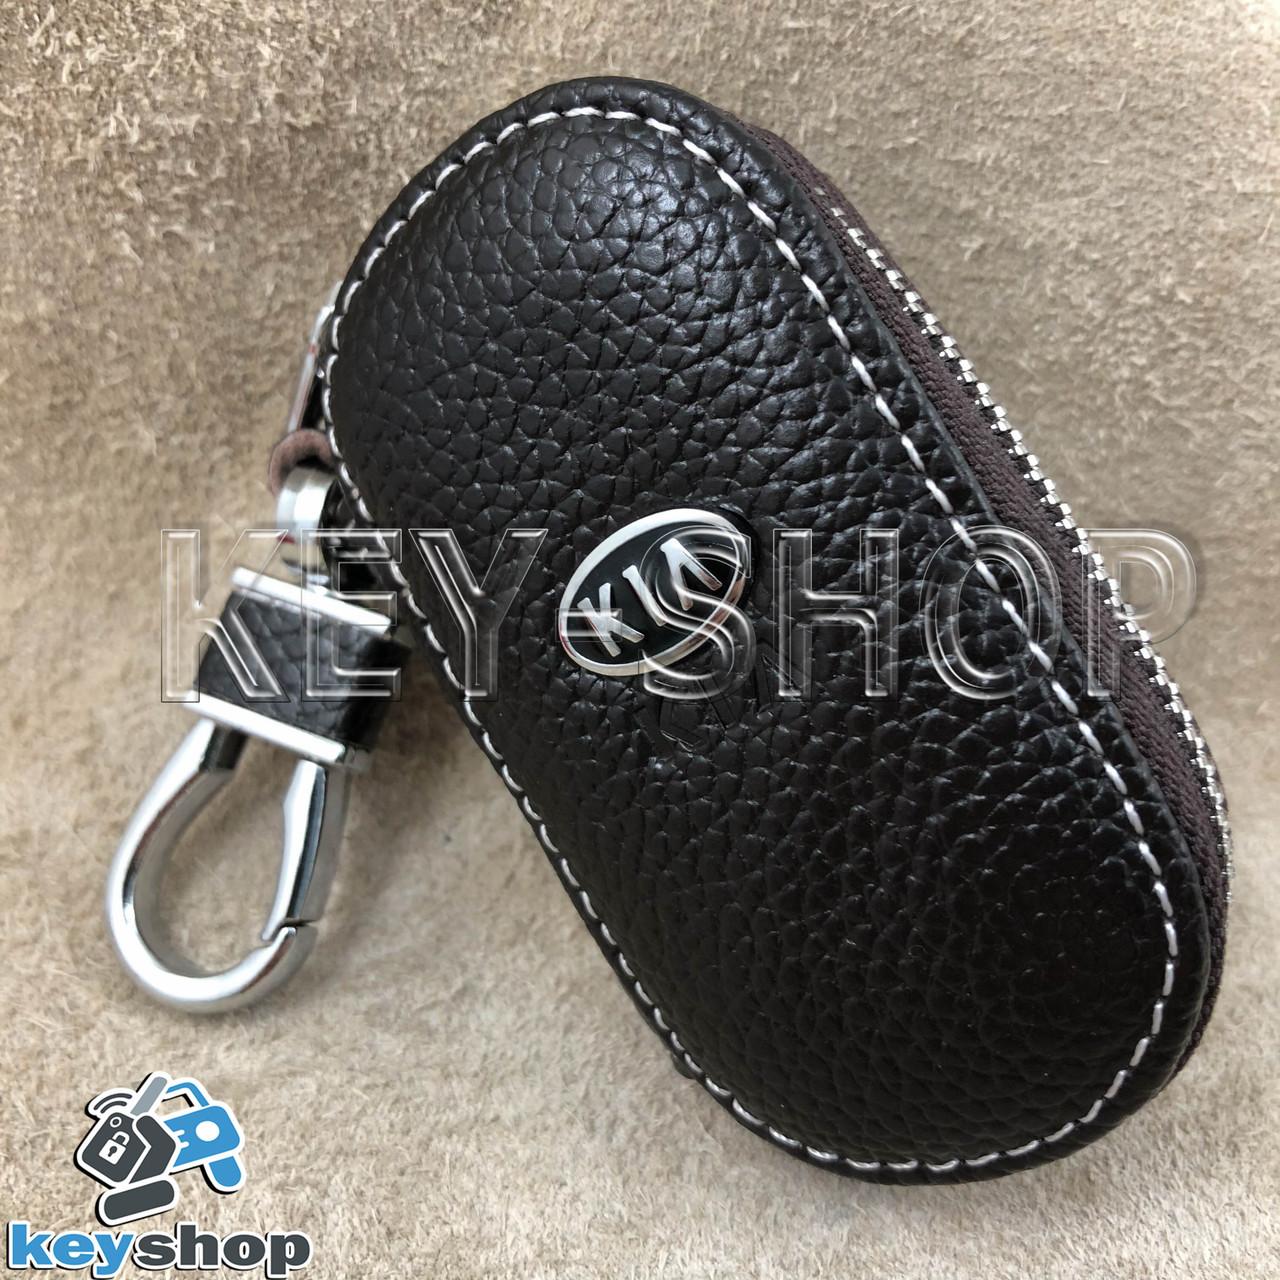 11a86ae536195 Ключница карманная (кожаная, коричневая, на молнии, с карабином, с кольцом)